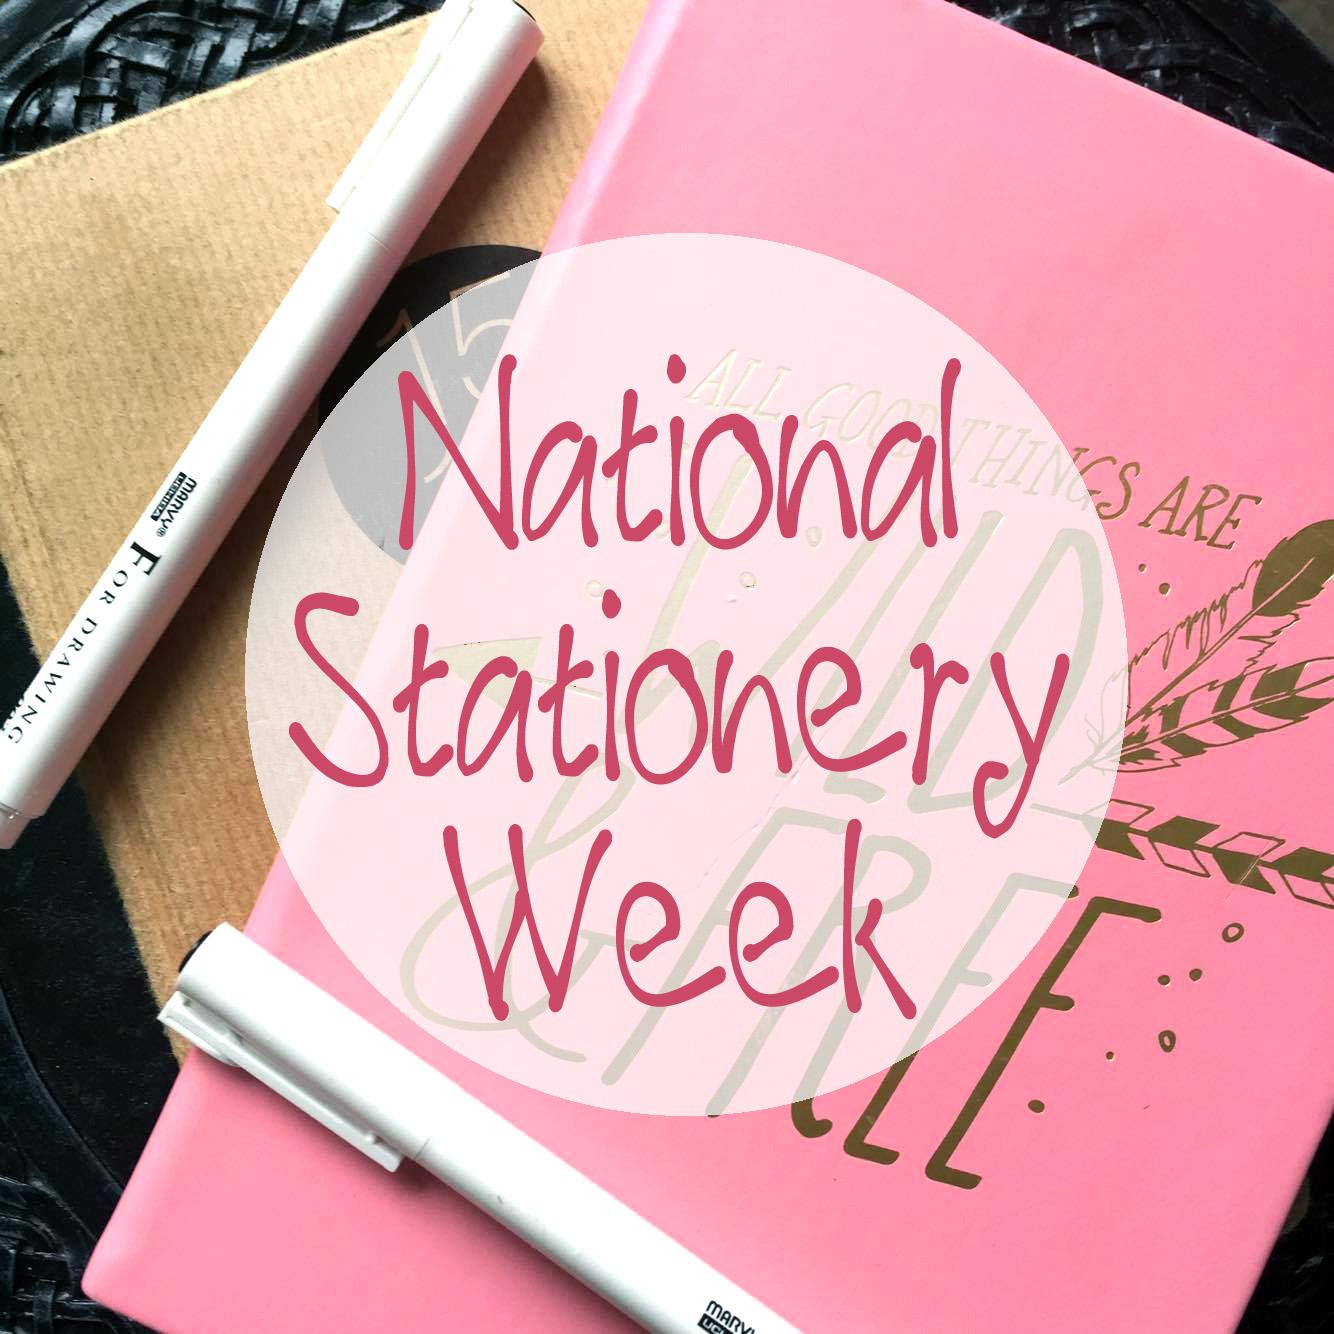 National Stationery Week Promo Photo.